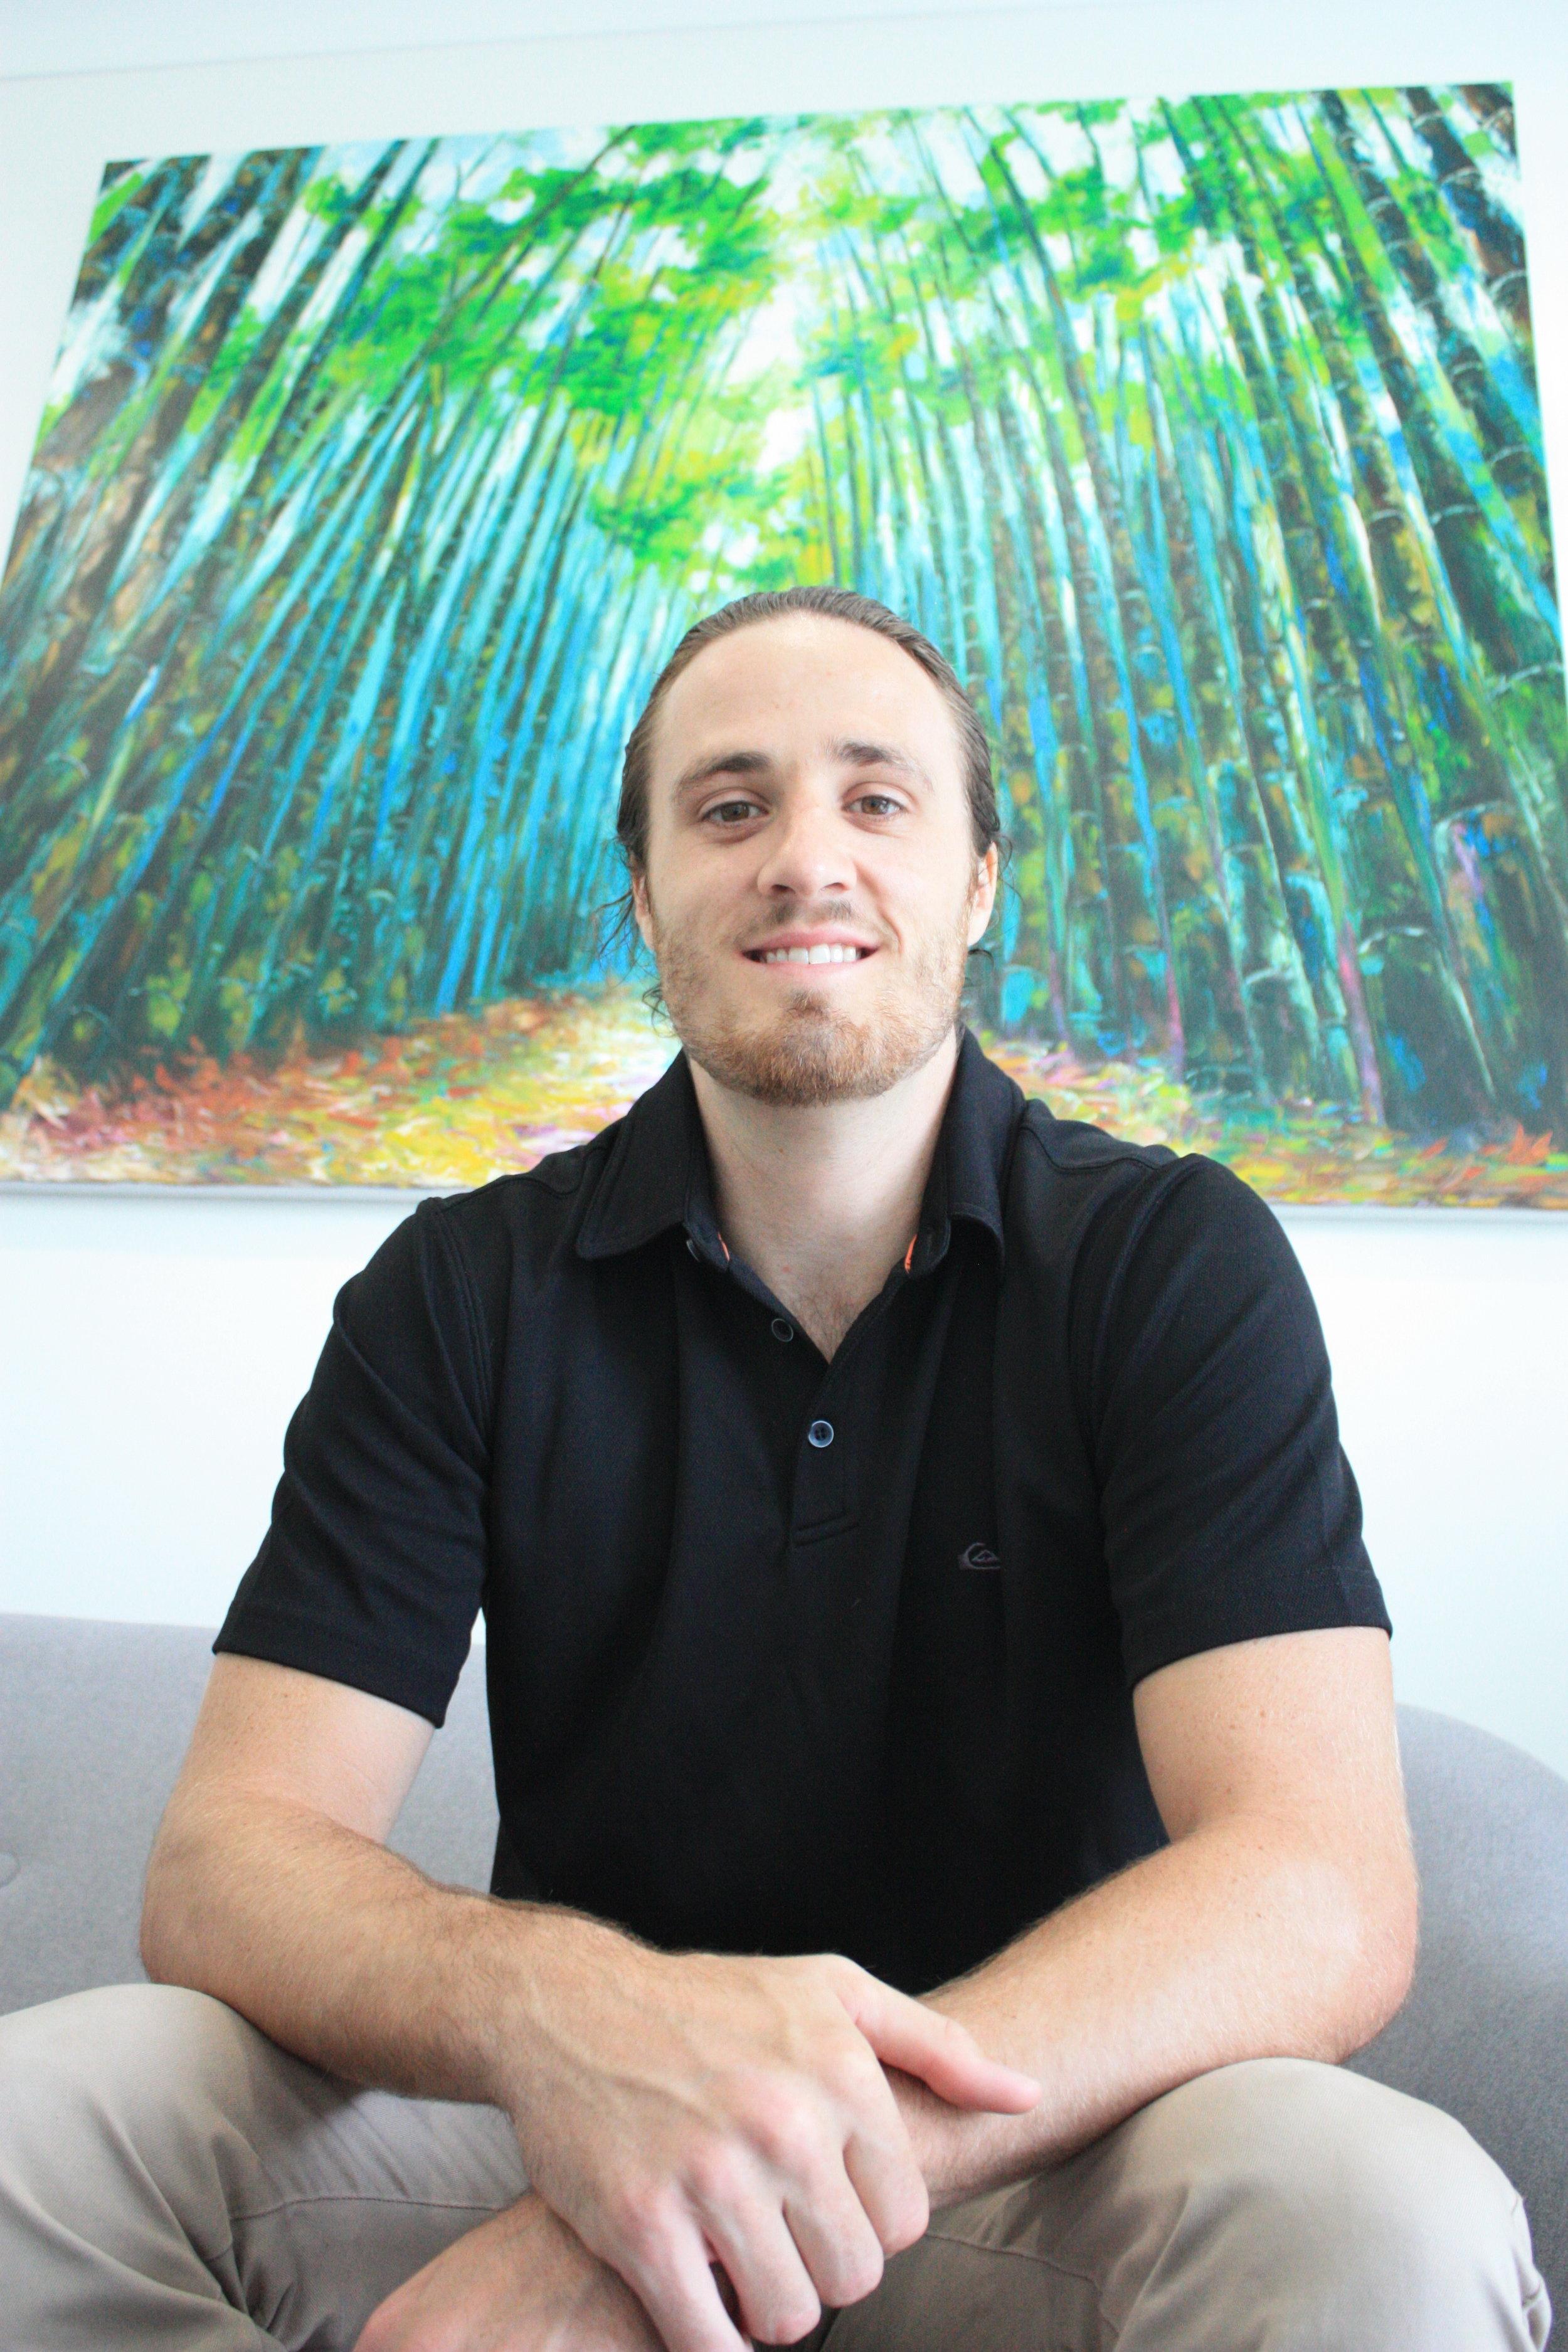 Picture of Adam Hjort acupuncturist.